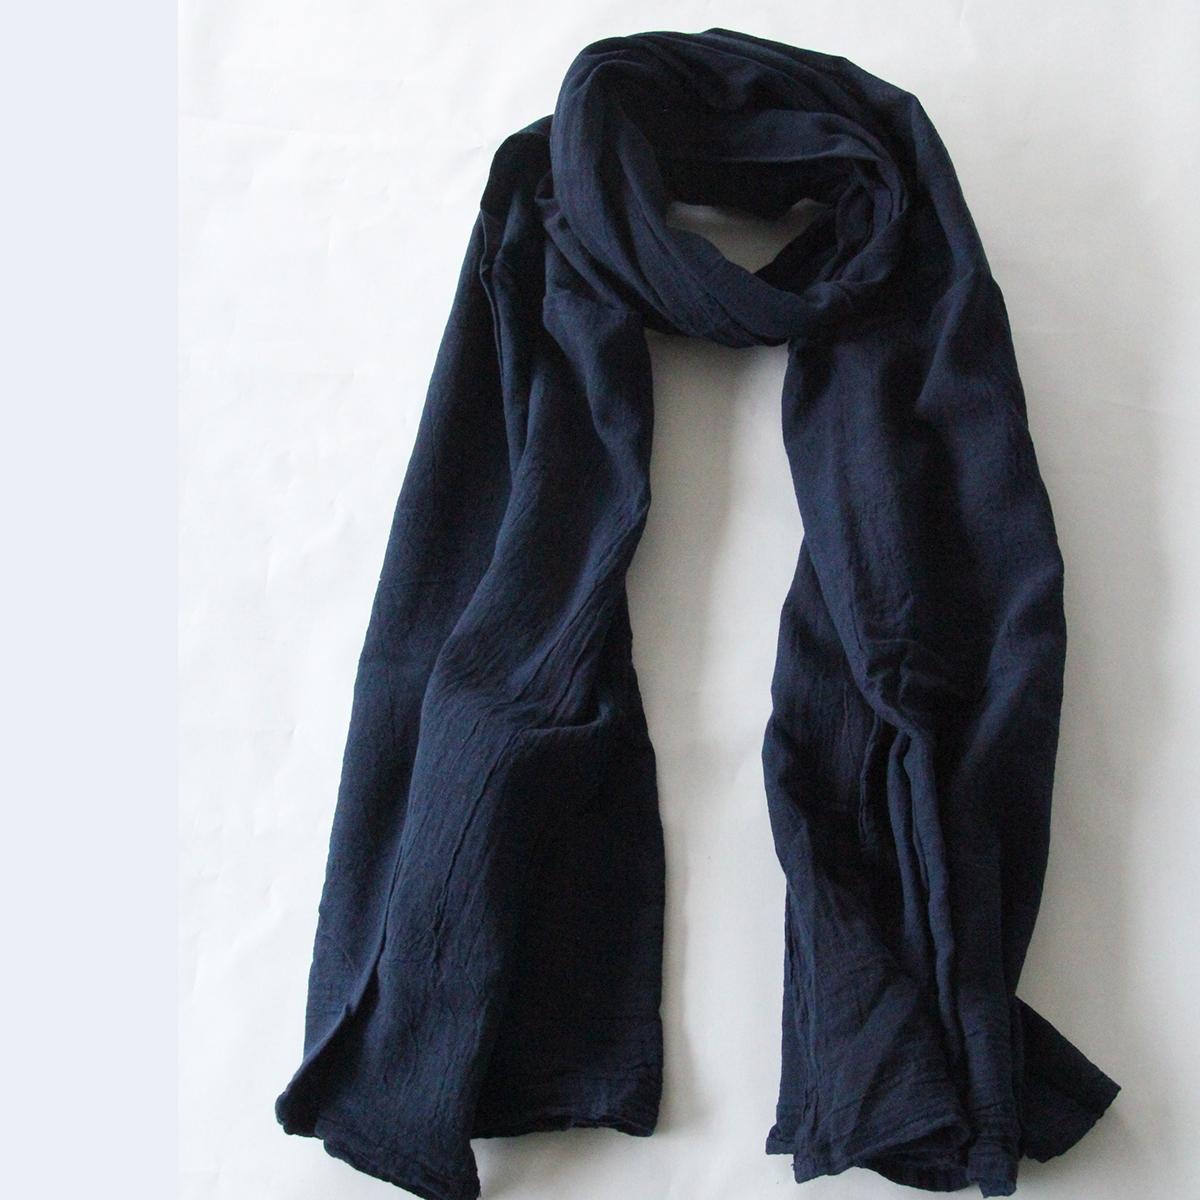 【ふるさと納税】手染めガーゼショール フルサイズ NAVY(藍染) 02-AV-1903r